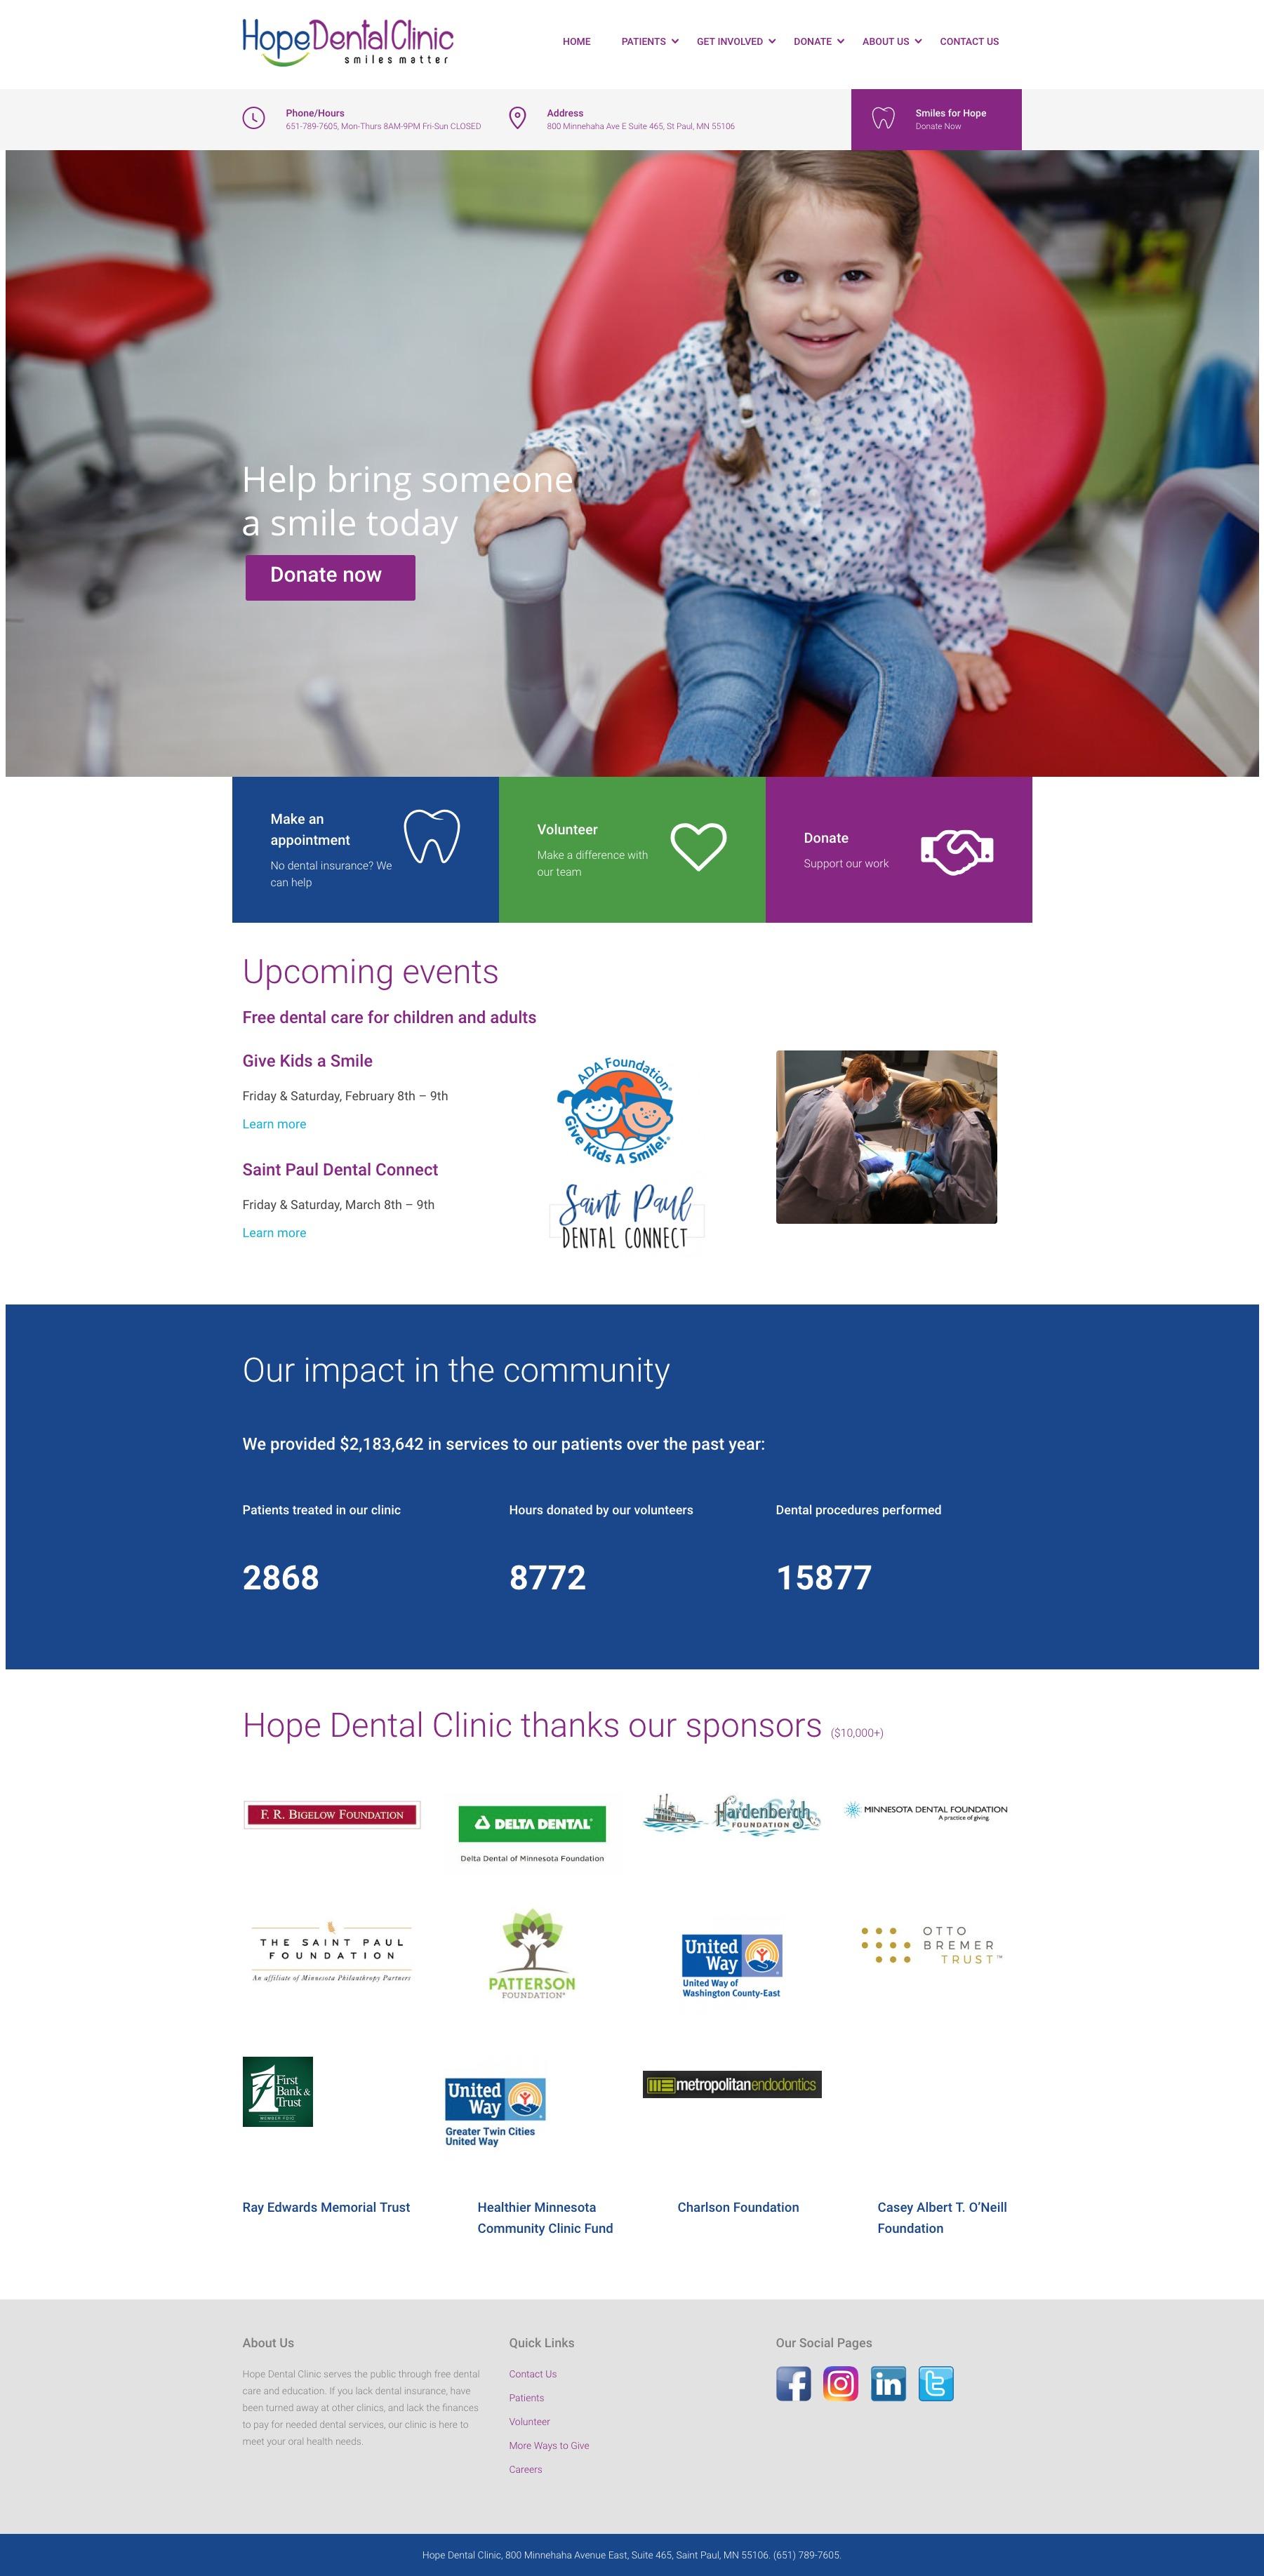 screencapture-hopedentalclinic-org-2019-01-28-12_38_46.jpg